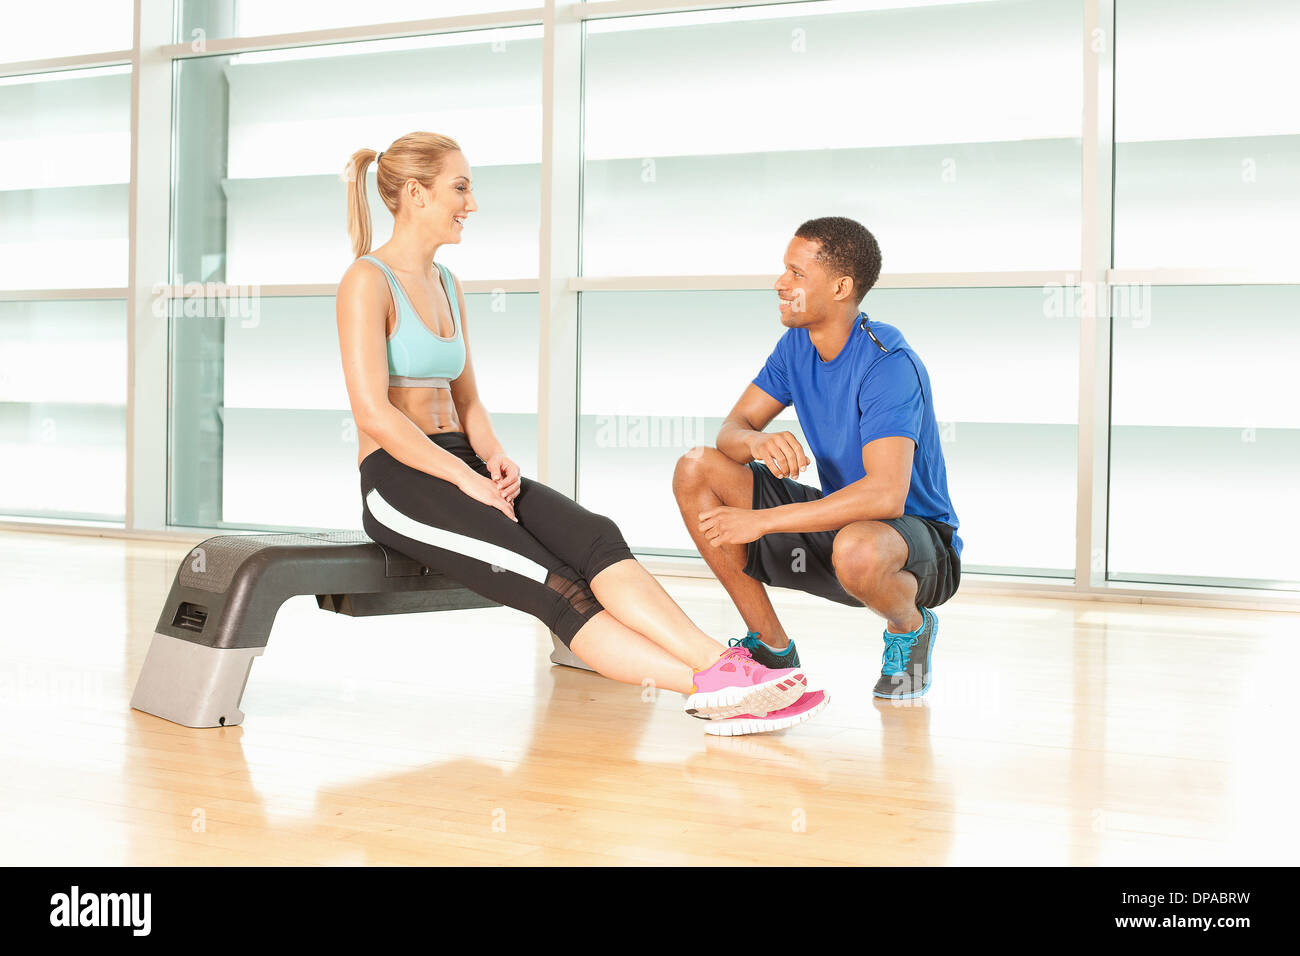 Mujer sentada sobre ejercicio paso hablando con instructor de fitness Imagen De Stock